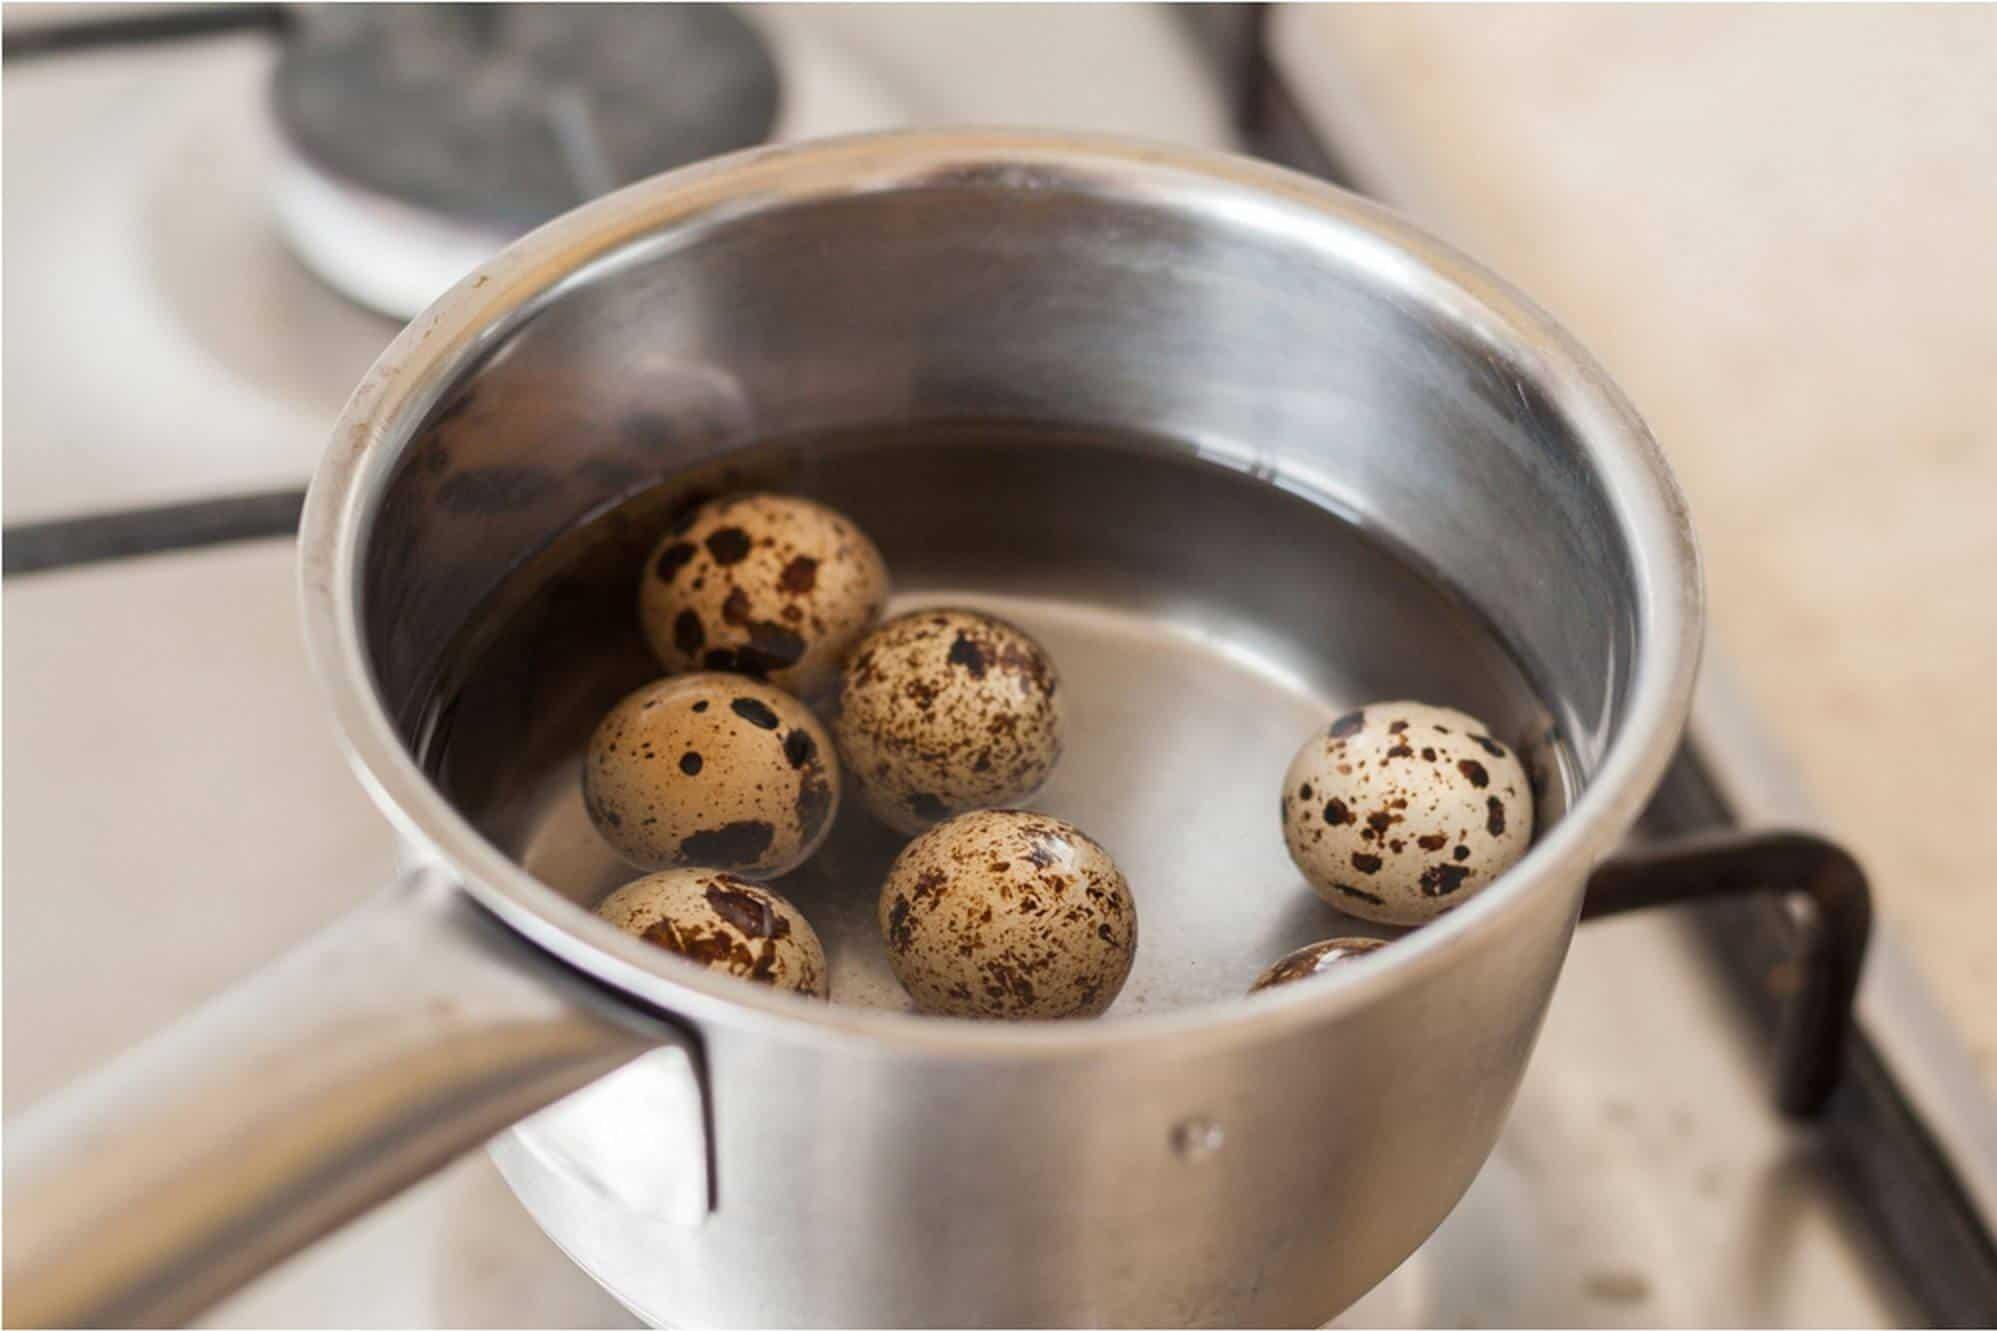 Перепелиные яйца перед приготовлением тщательно моют и варят в специальной посуде